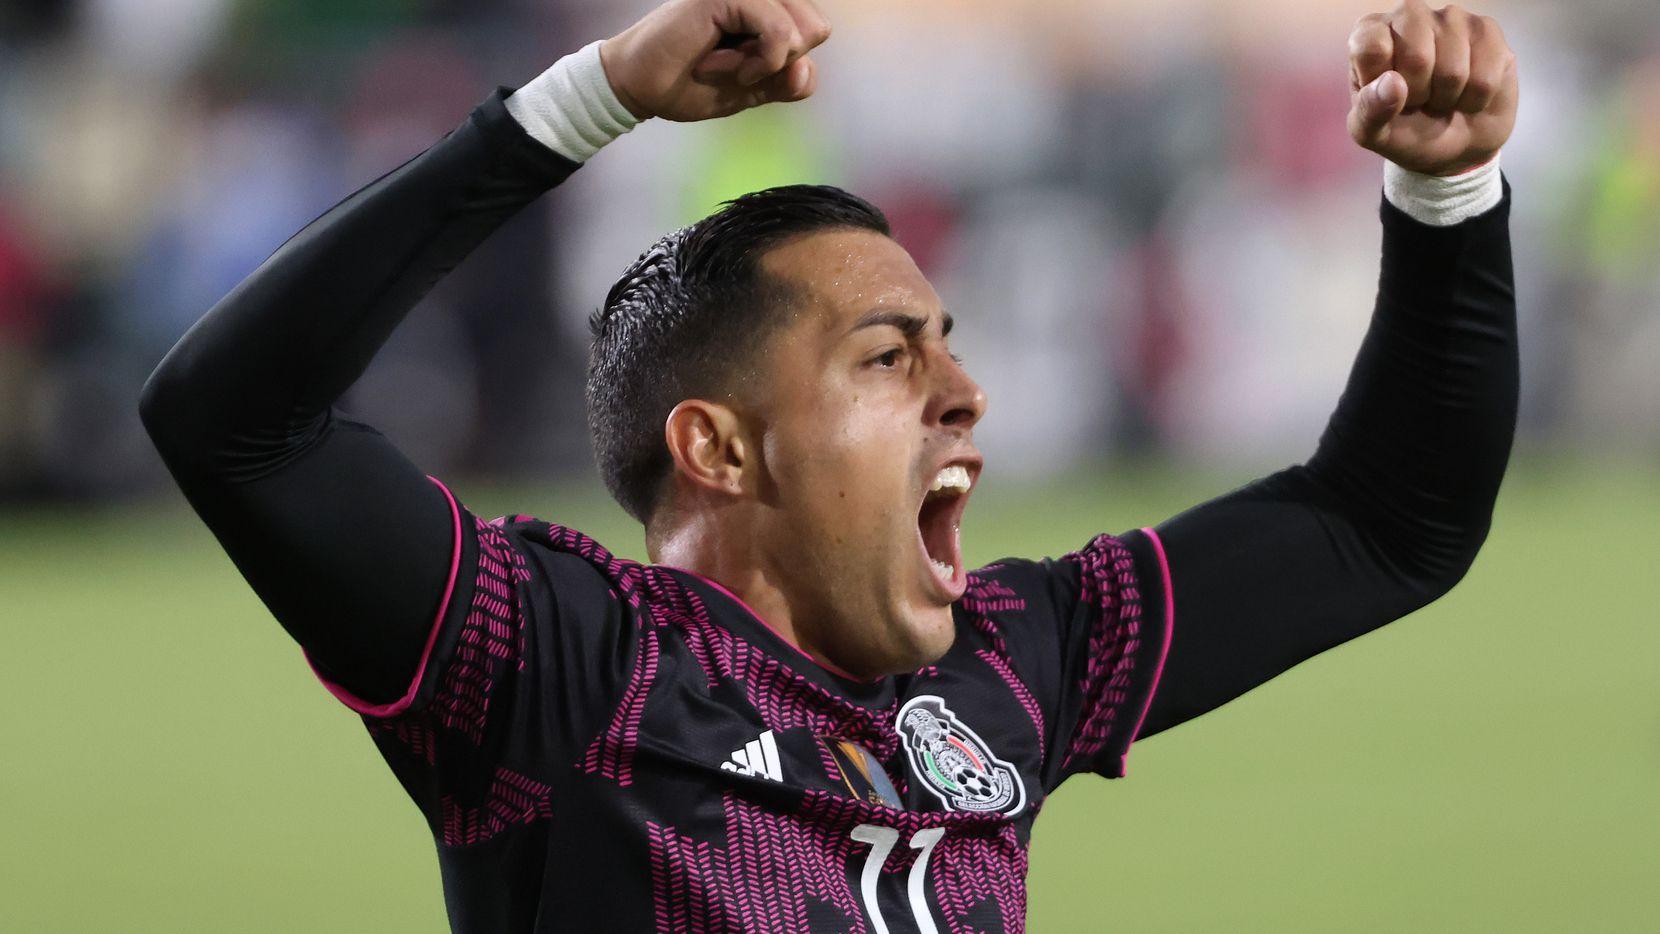 El delantero de la selección mexicana, Rogelio Funes Mori, celebra su gol ante Nigeria en partido amistoso efectuado el 3 de julio de 2021 en el Memorial Coliseum de Los Ángeles.